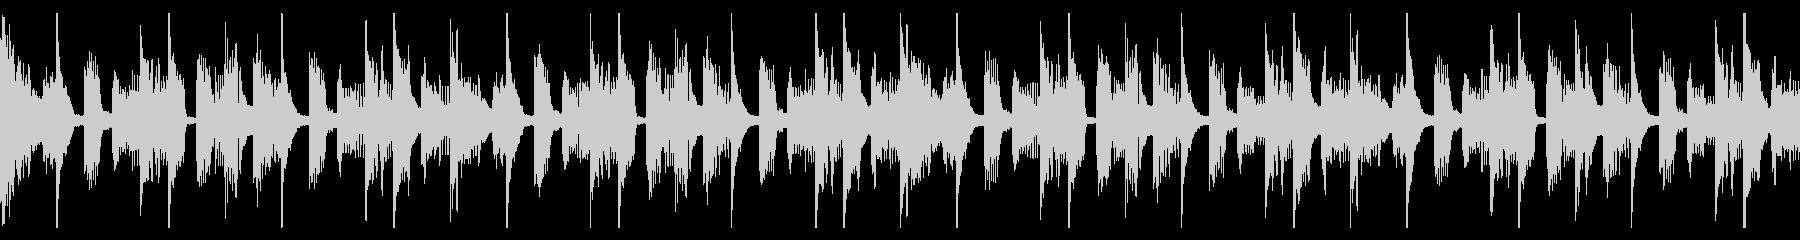 ポップな電子音曲のループの未再生の波形